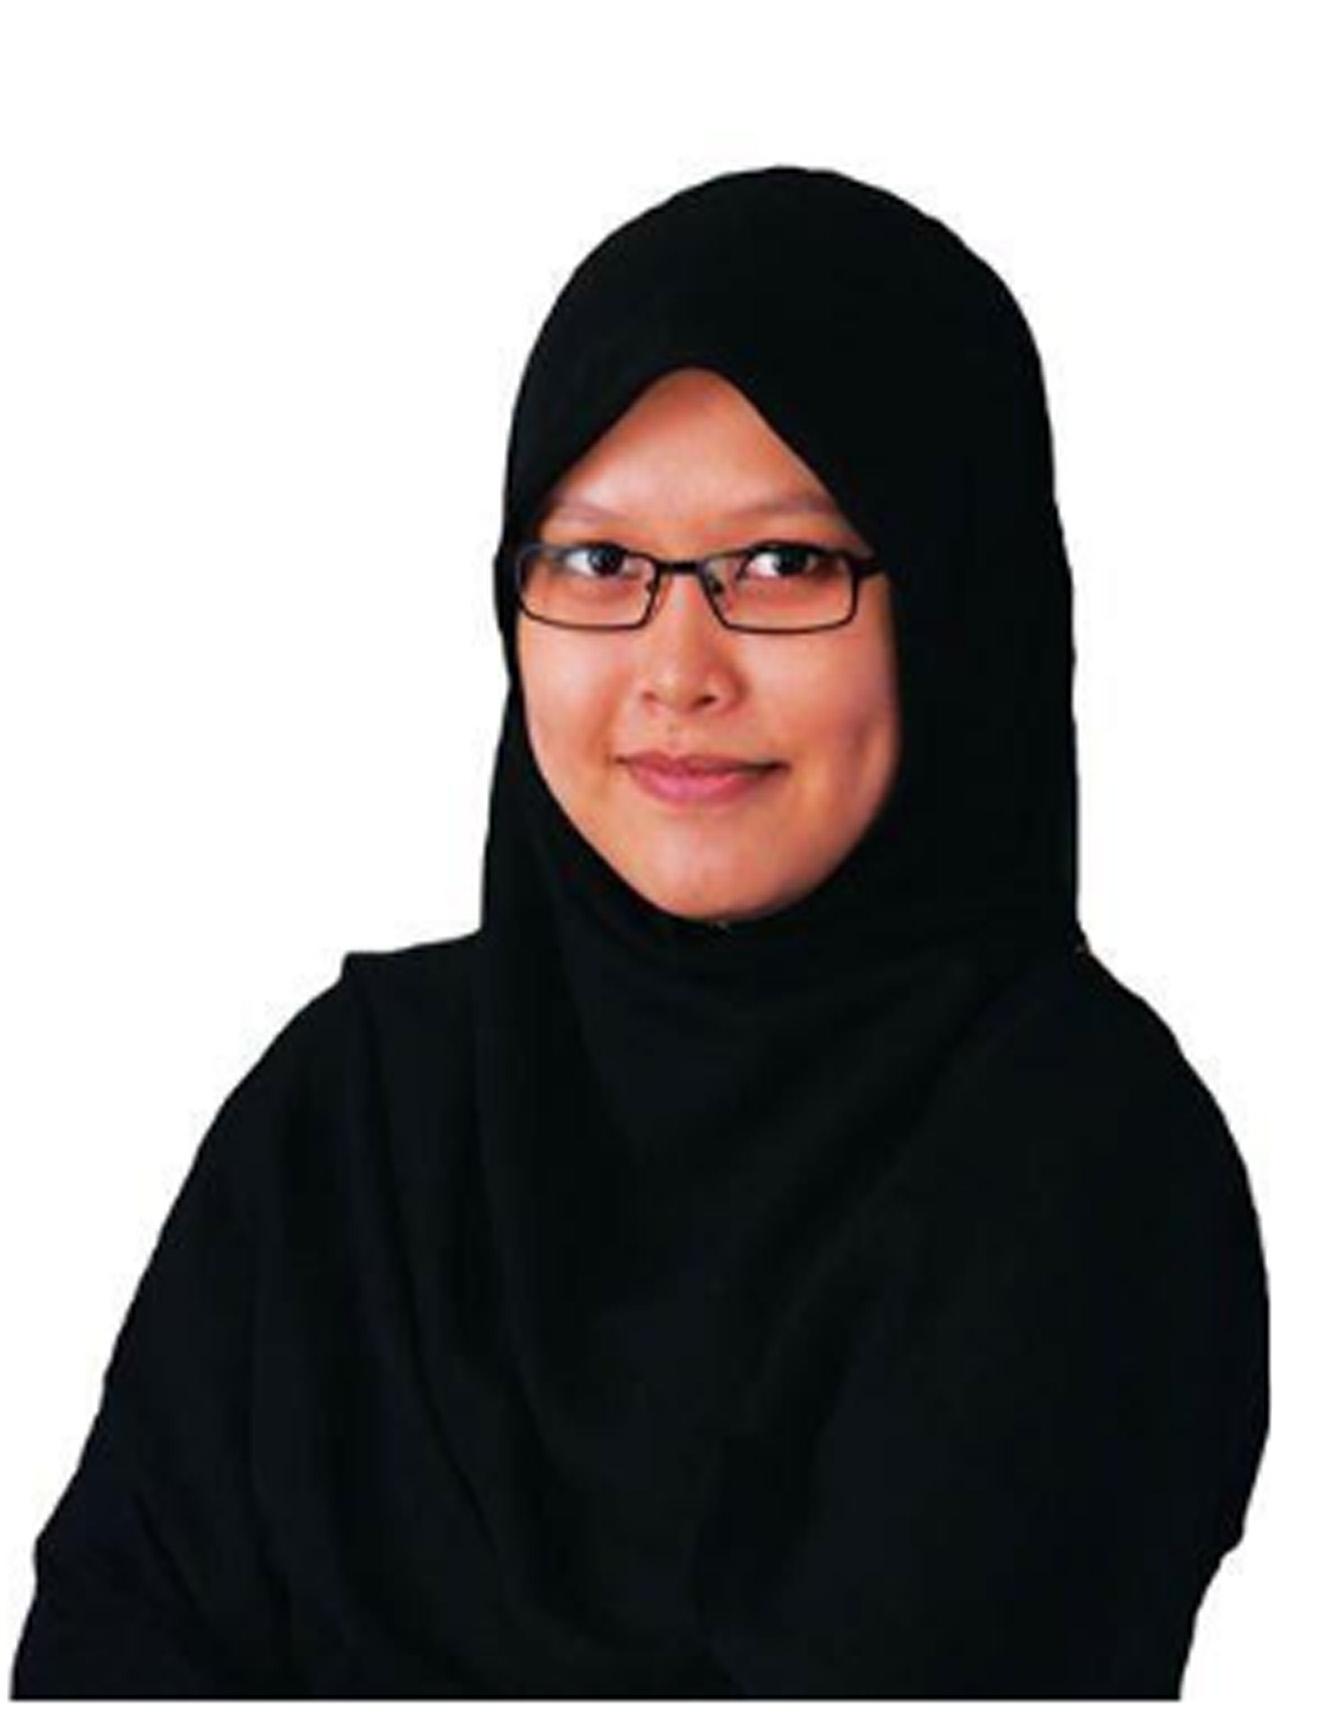 Aimi Atikah Roslan